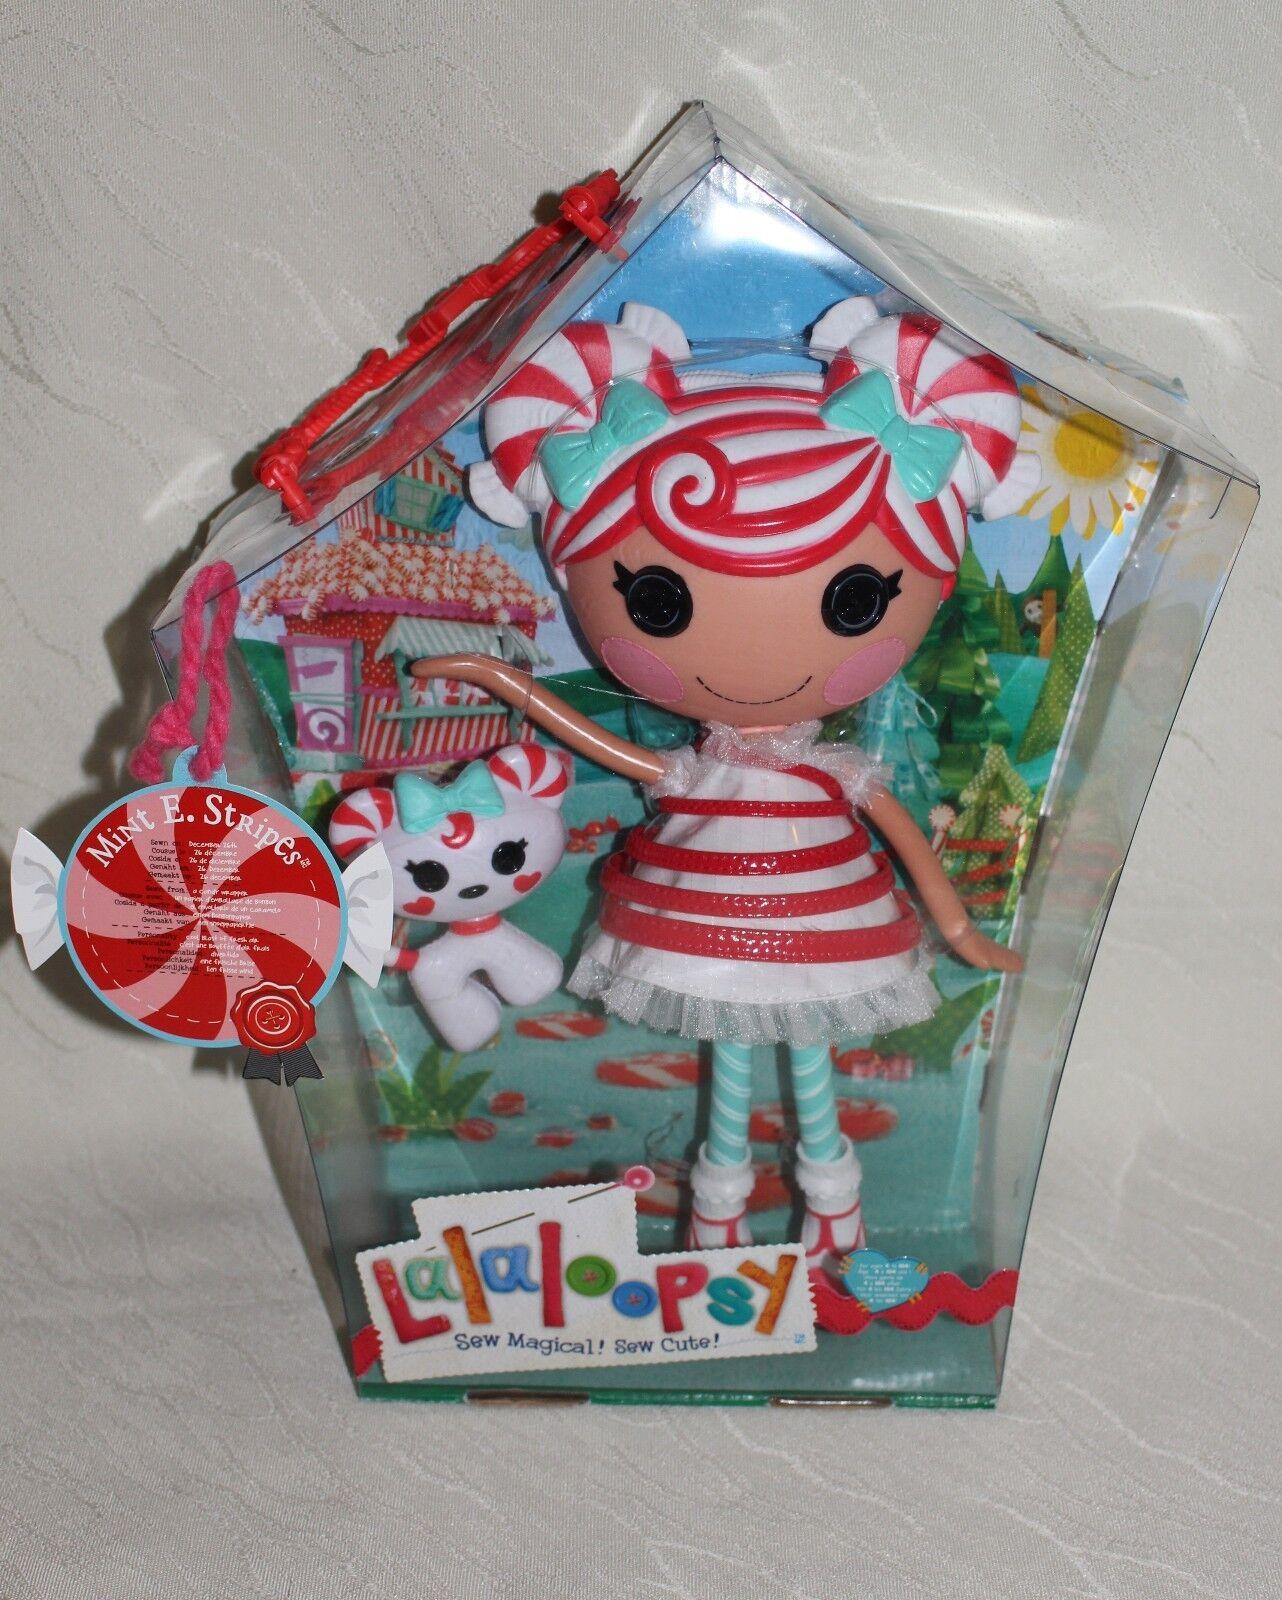 Lalaloopsy Nuovo di zecca E. Stripes Full Size Large RARA BAMBOLA Nuovo di Zecca Lollipop SCATOLA Nuovo di zecca con scatola